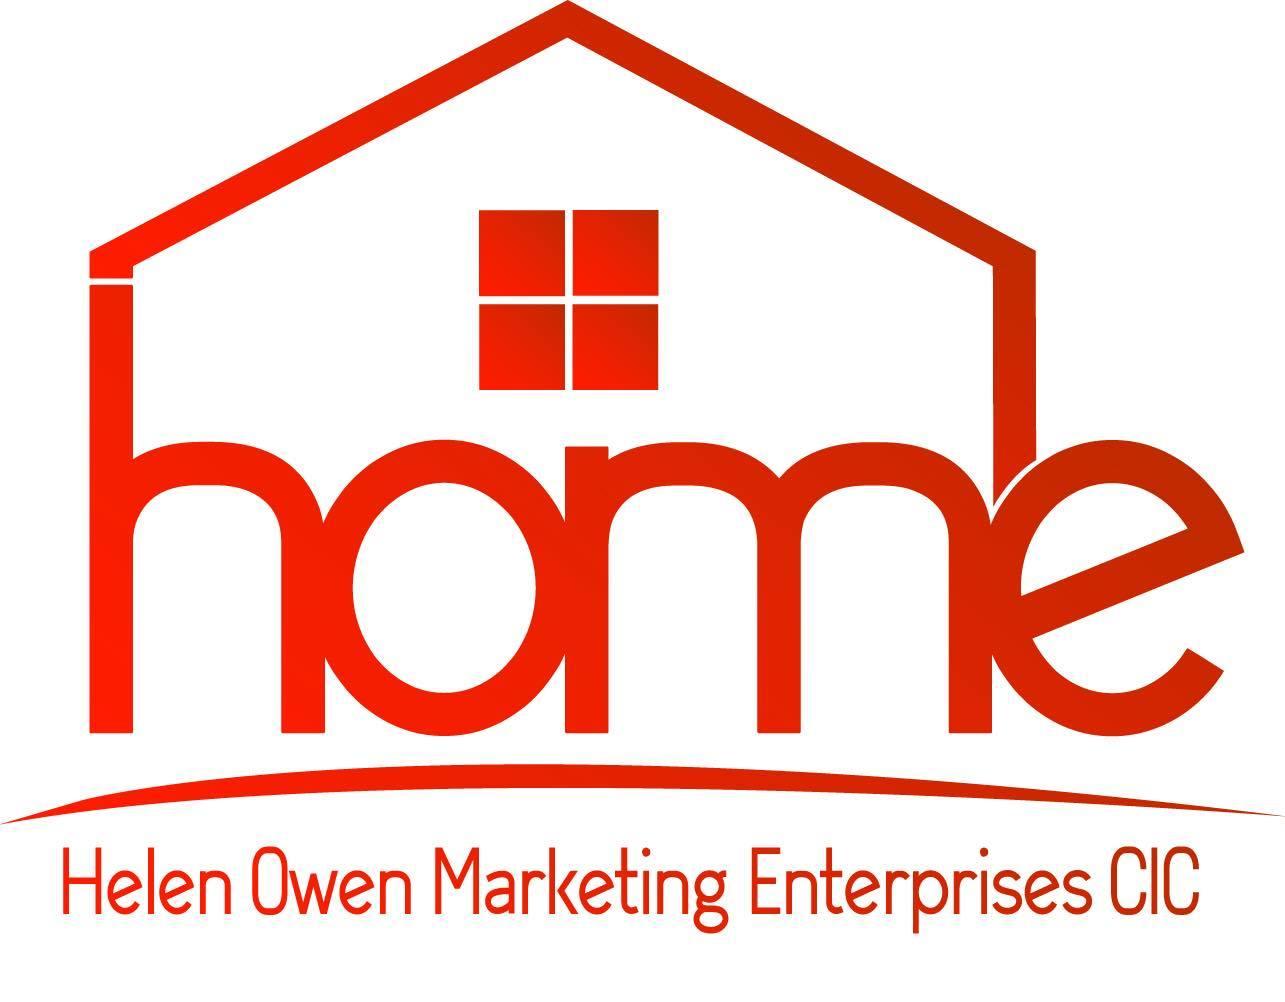 Helen Owen Marketing Enterprise